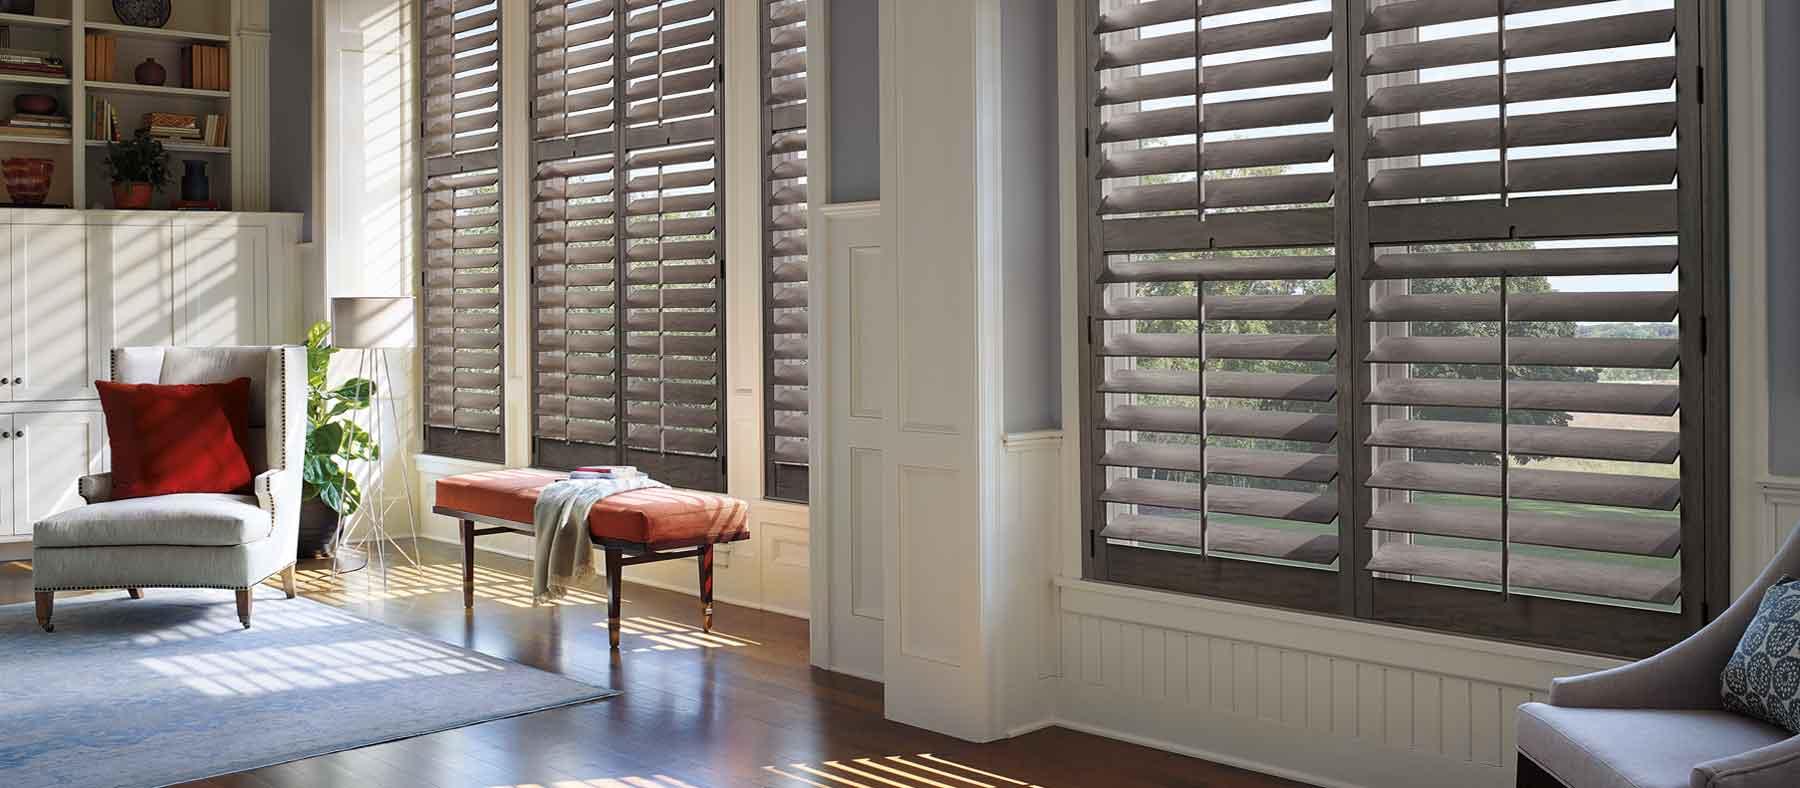 expert shutter tips - Custom Plantation Shutters